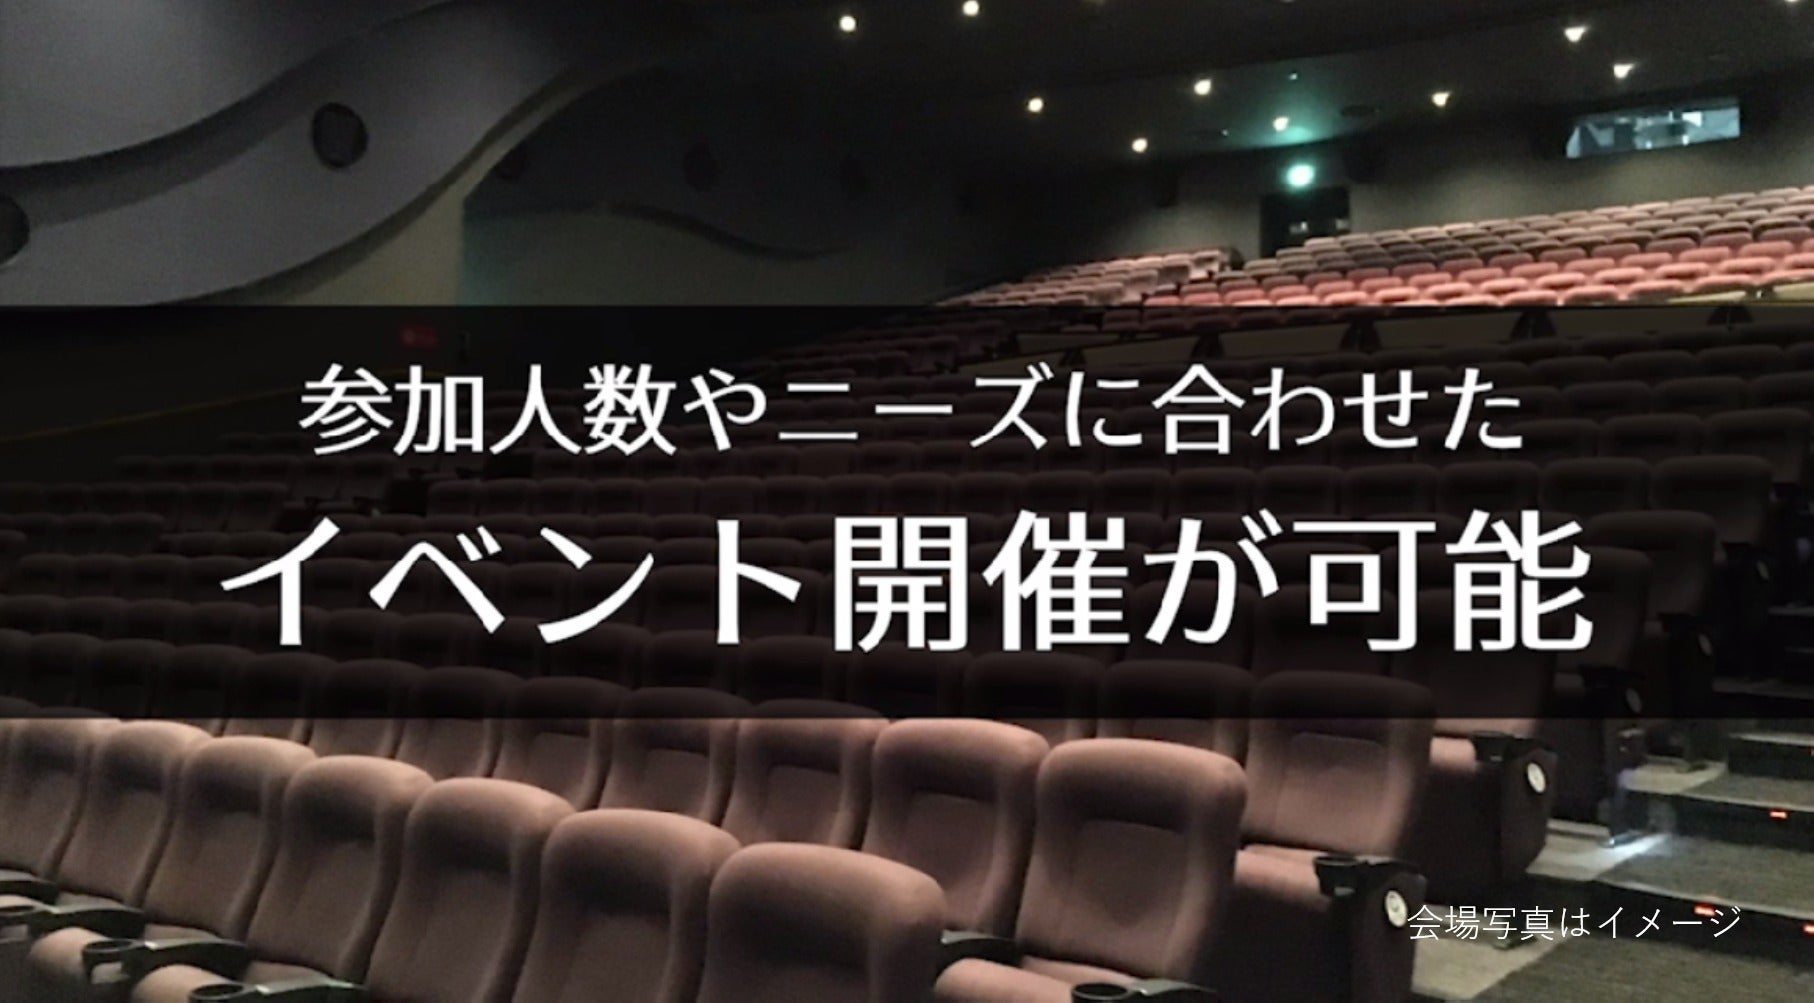 【水戸 158席】映画館で、会社説明会、株主総会、講演会の企画はいかがですか?(ユナイテッド・シネマ水戸) の写真0